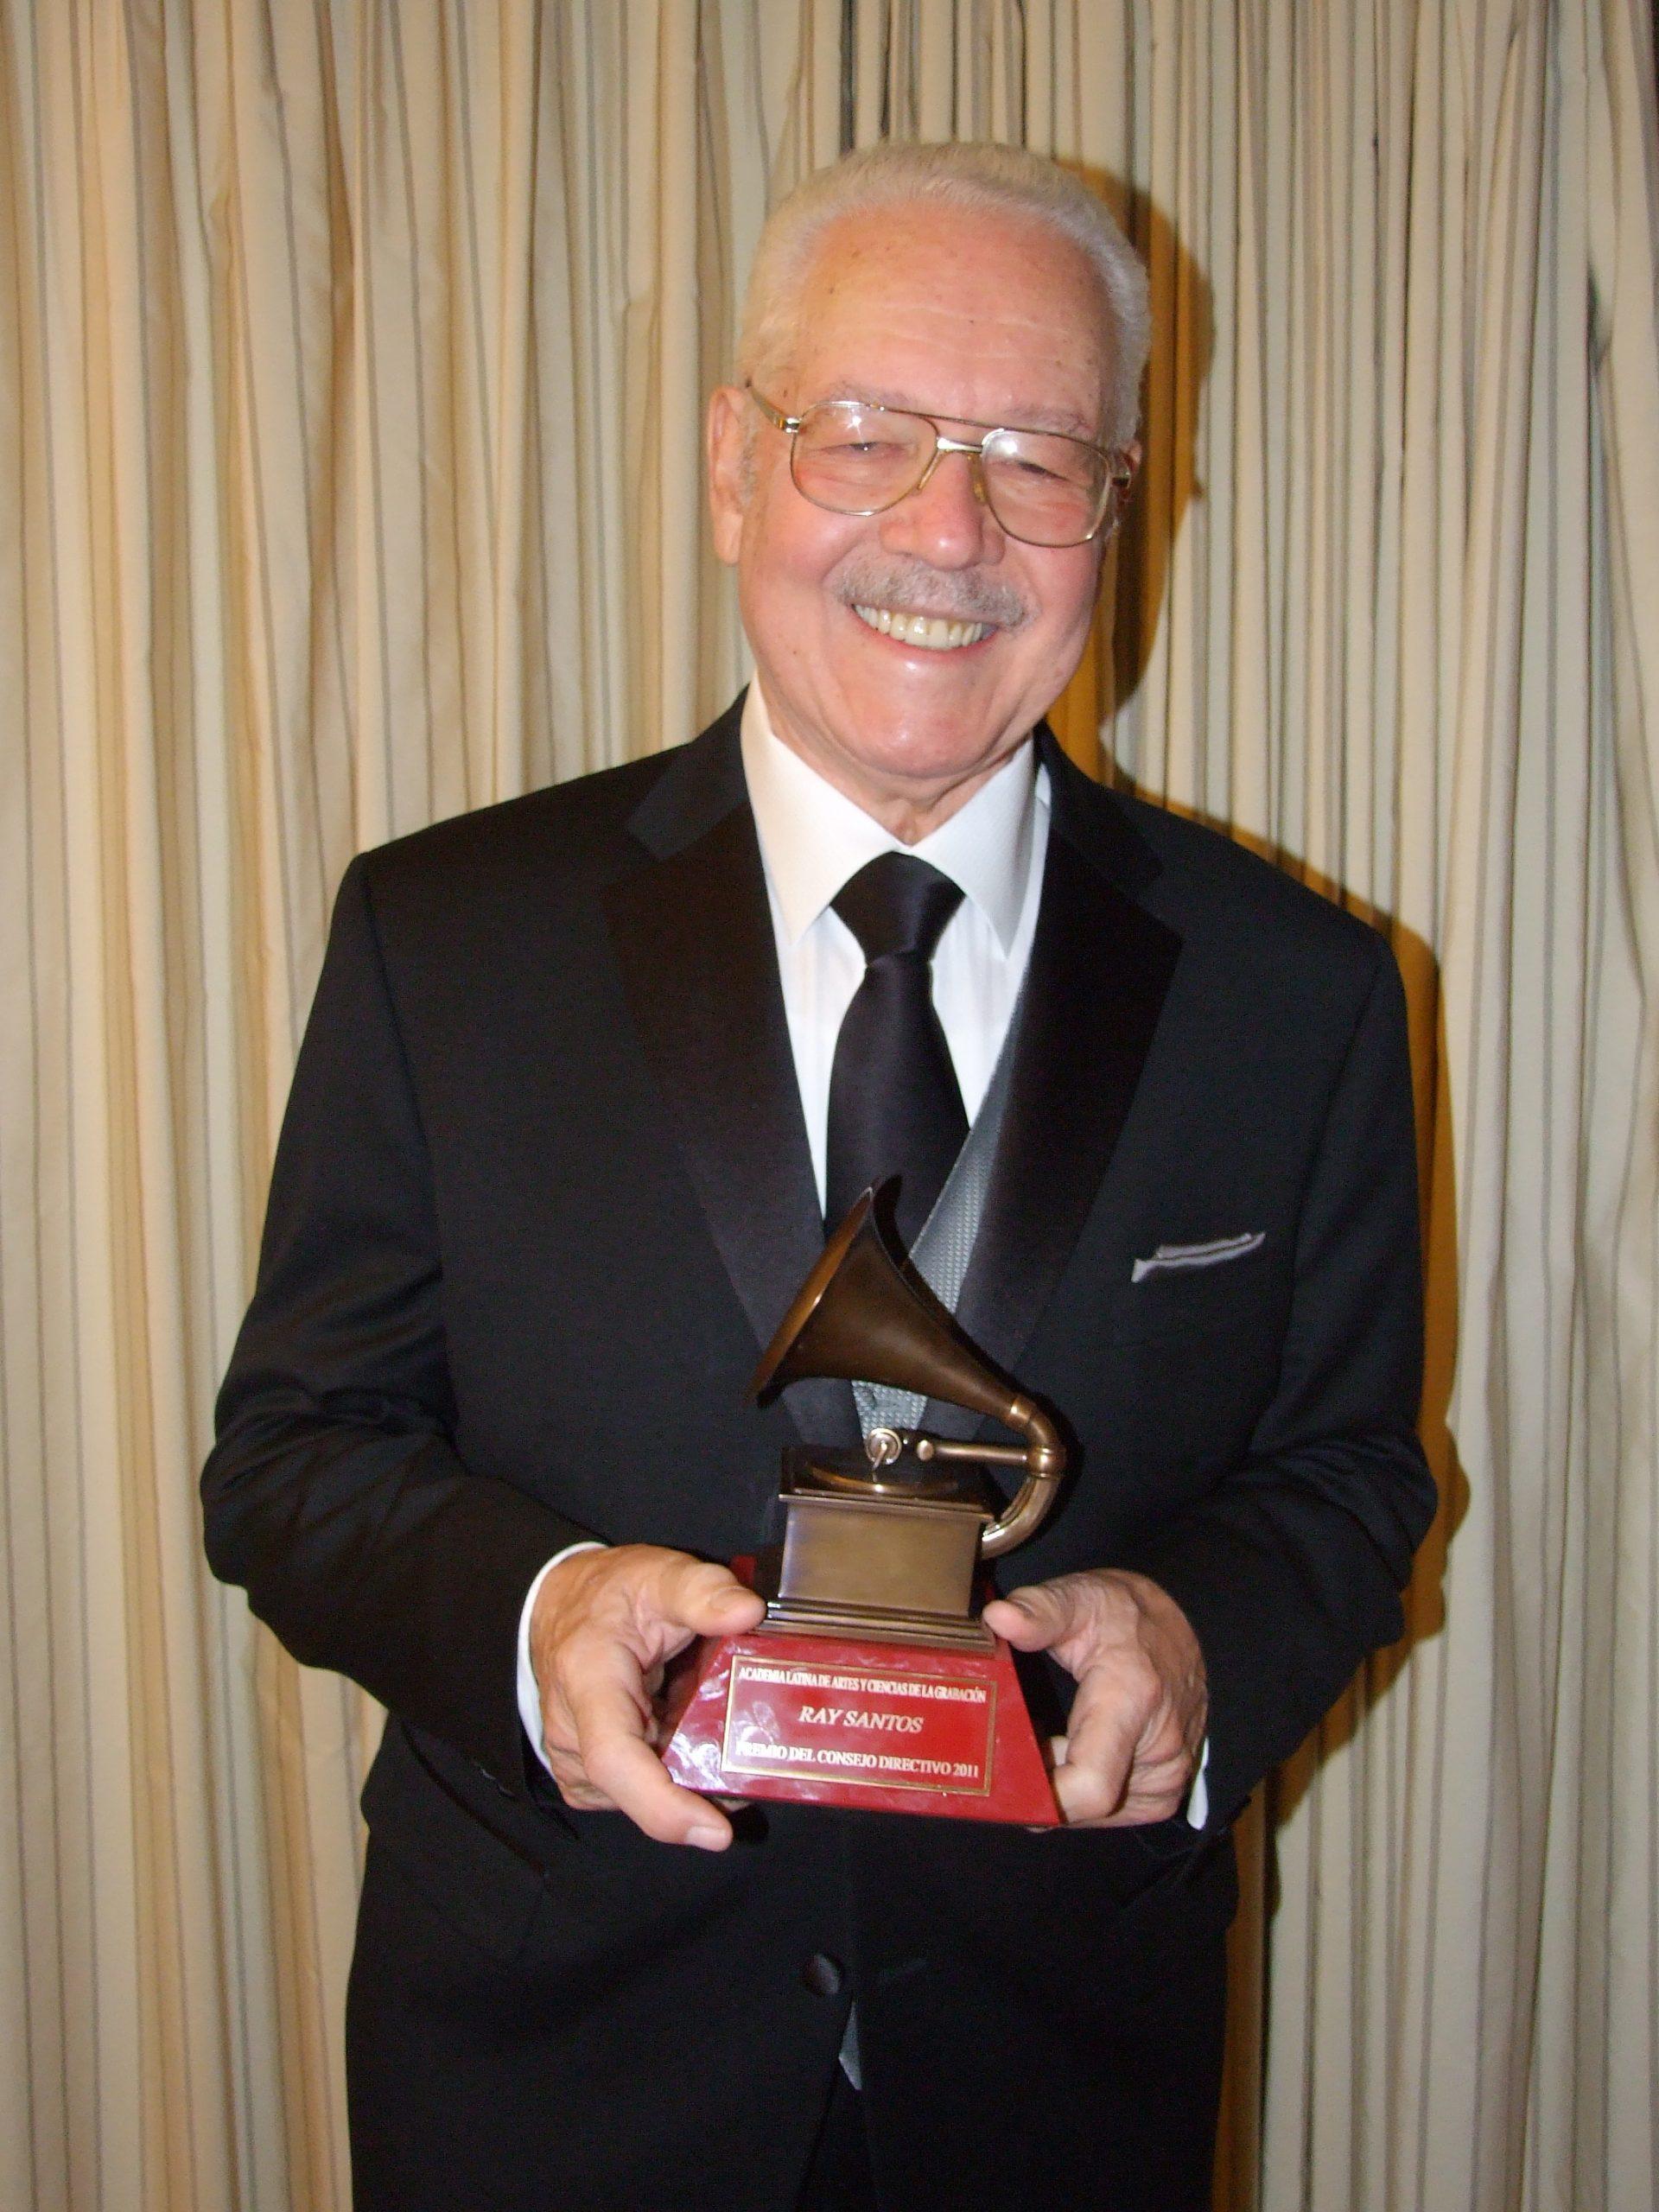 El maestro Ray Santos ha sido distinguido con el Grammy en los Estados Unidos. (Foto Rhinna Santos)